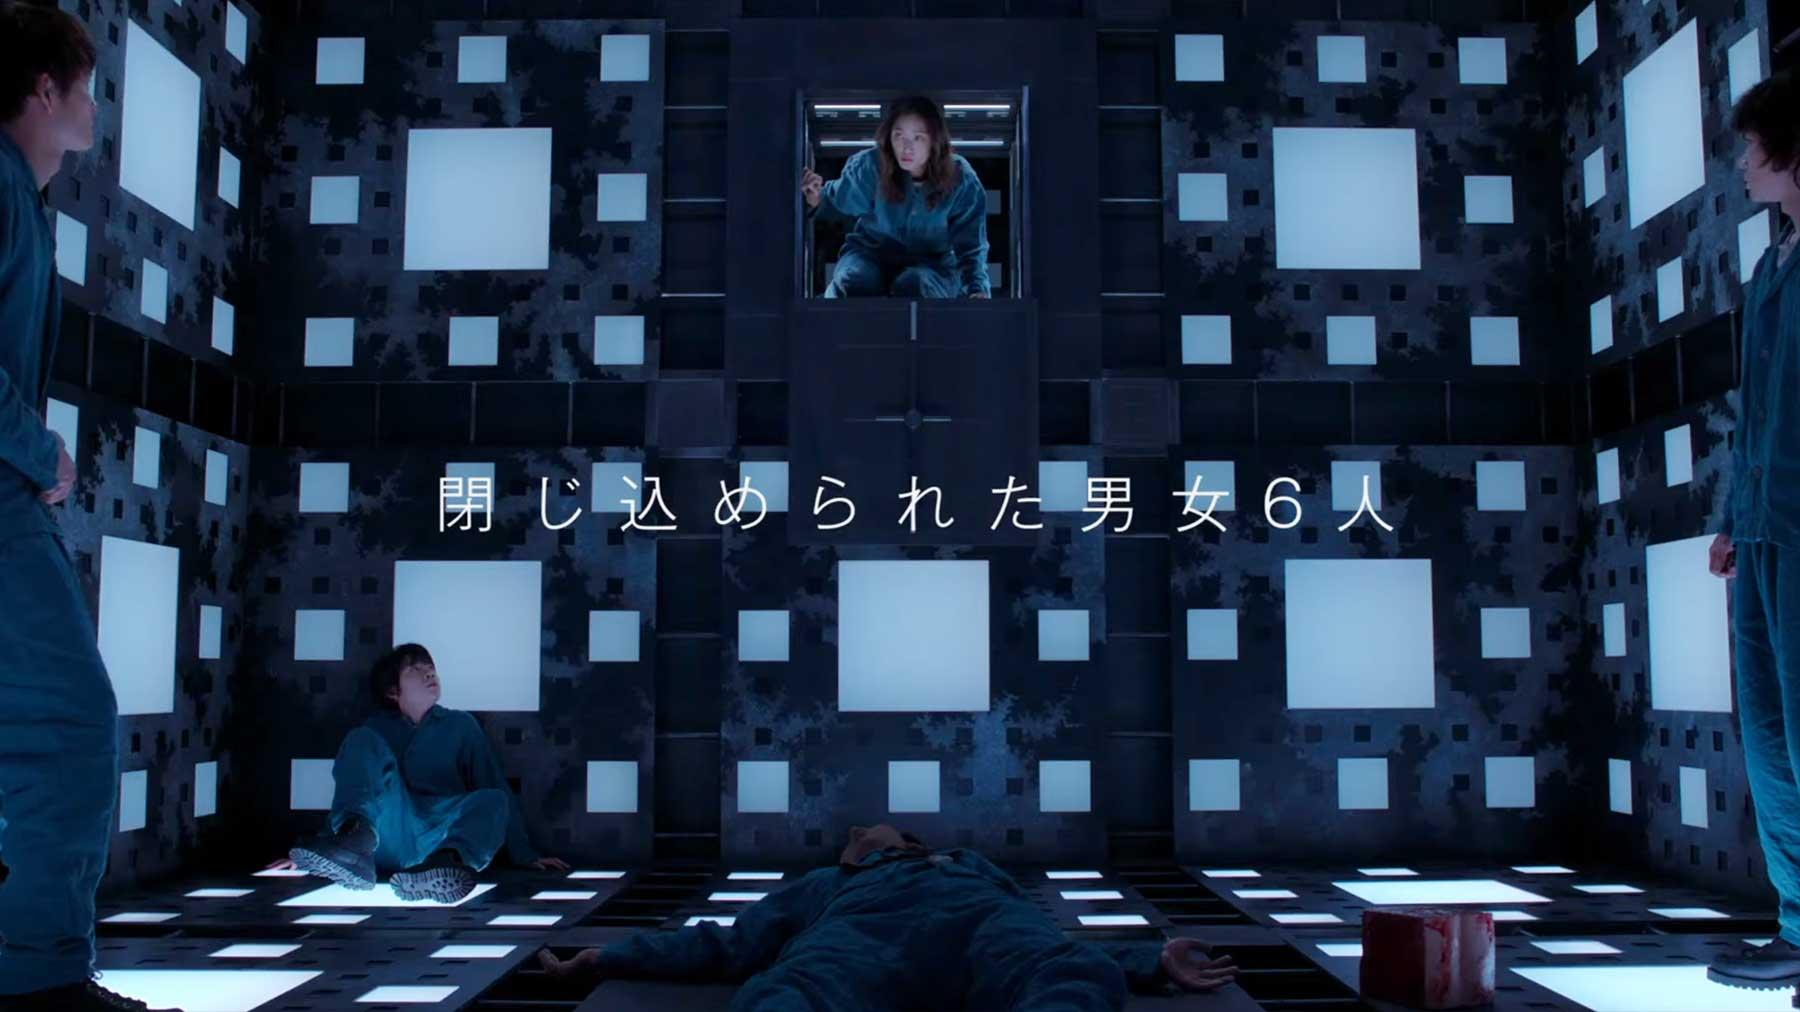 The Cube: Trailer zum japanischen Remake des Films